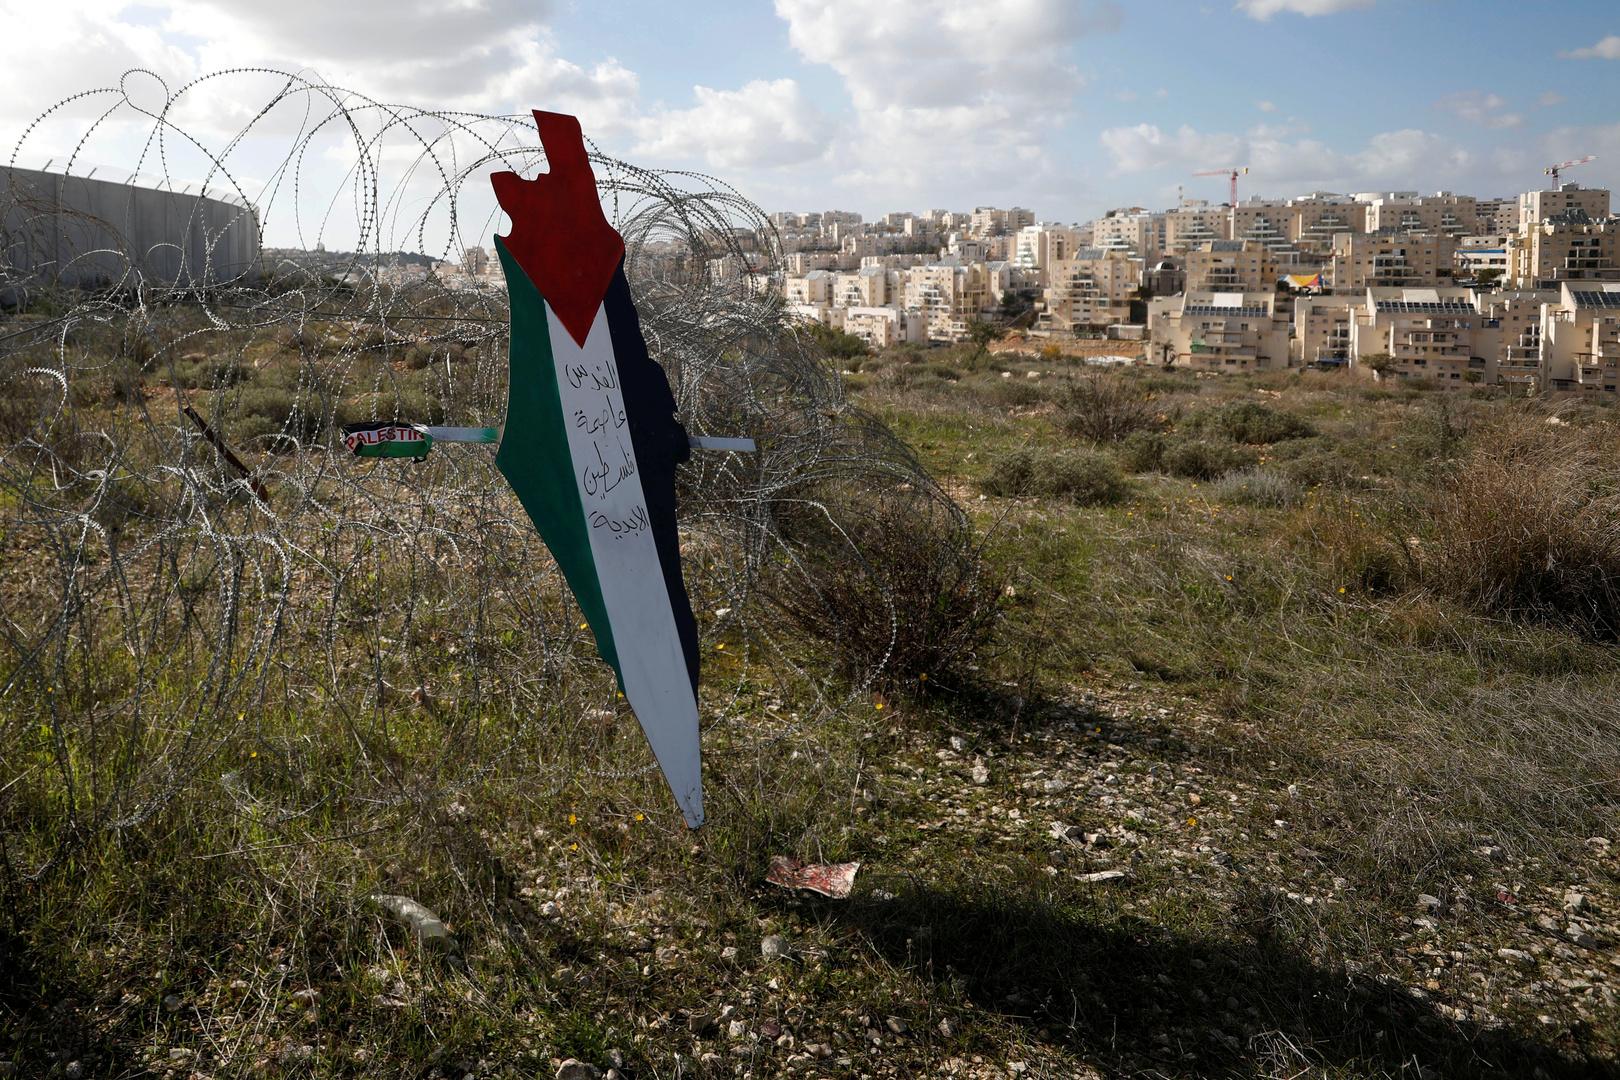 النائب العام الإسرائيلي: قرار محكمة لاهاي باطل بسبب غياب دولة فلسطينية وأي أراض تابعة لها